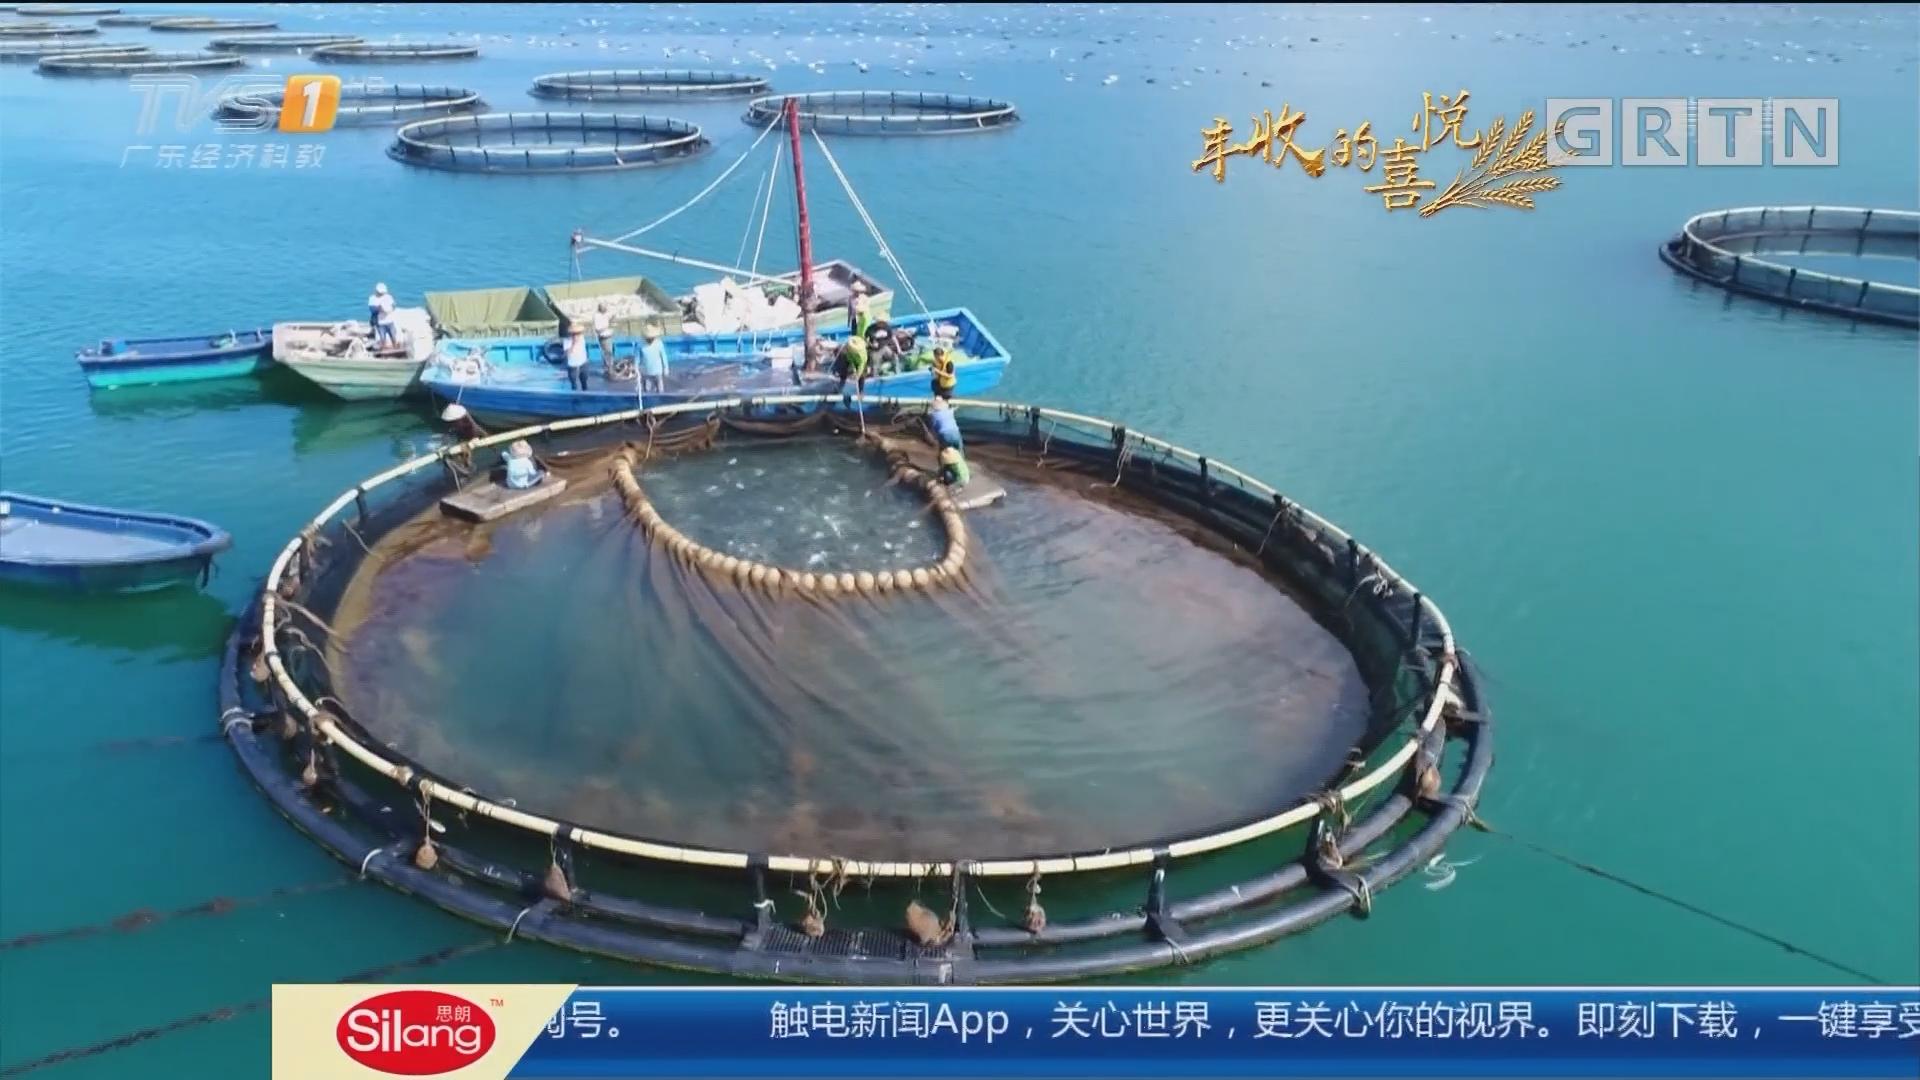 中国农民丰收节——湛江雷州:抢收50万斤金鲳鱼 与时间赛跑的丰收